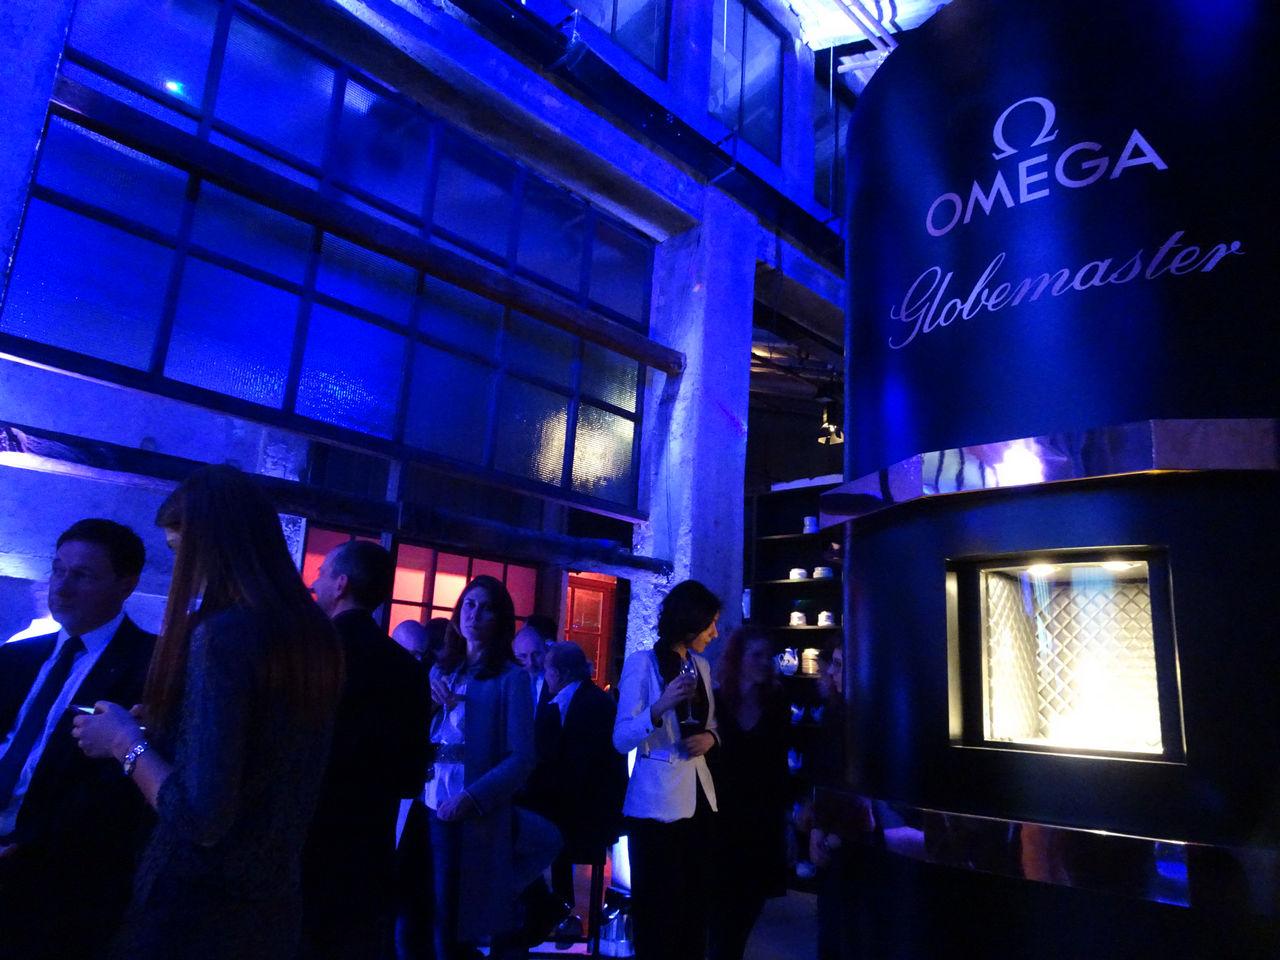 omega-presenta-la-collezione-globemaster-cracco-nina-zilli-milano-metas_0-10015